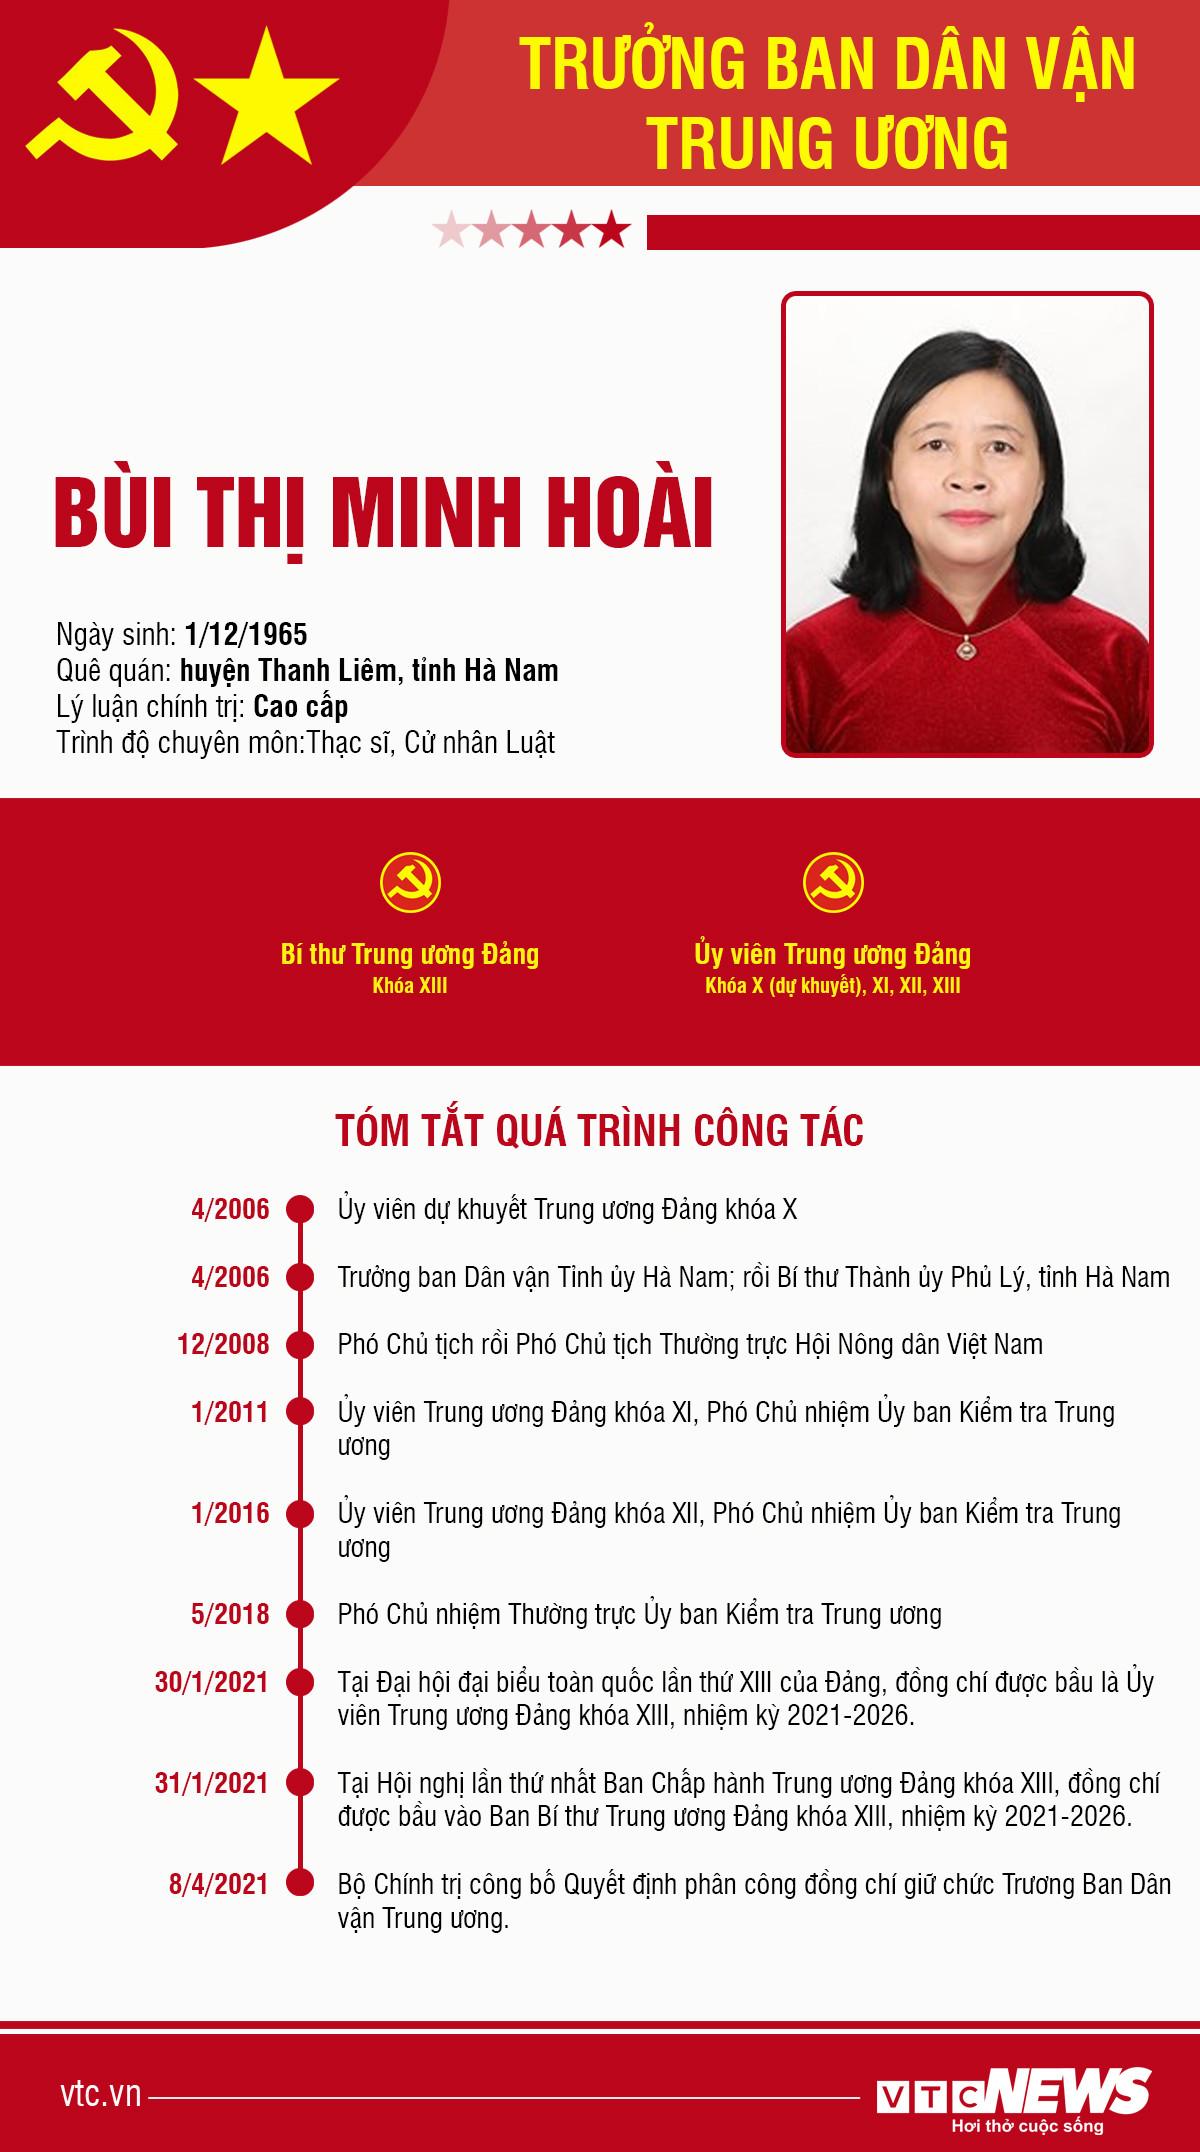 Infographic: Sự nghiệp Trưởng ban Dân vận Trung ương Bùi Thị Minh Hoài - 1